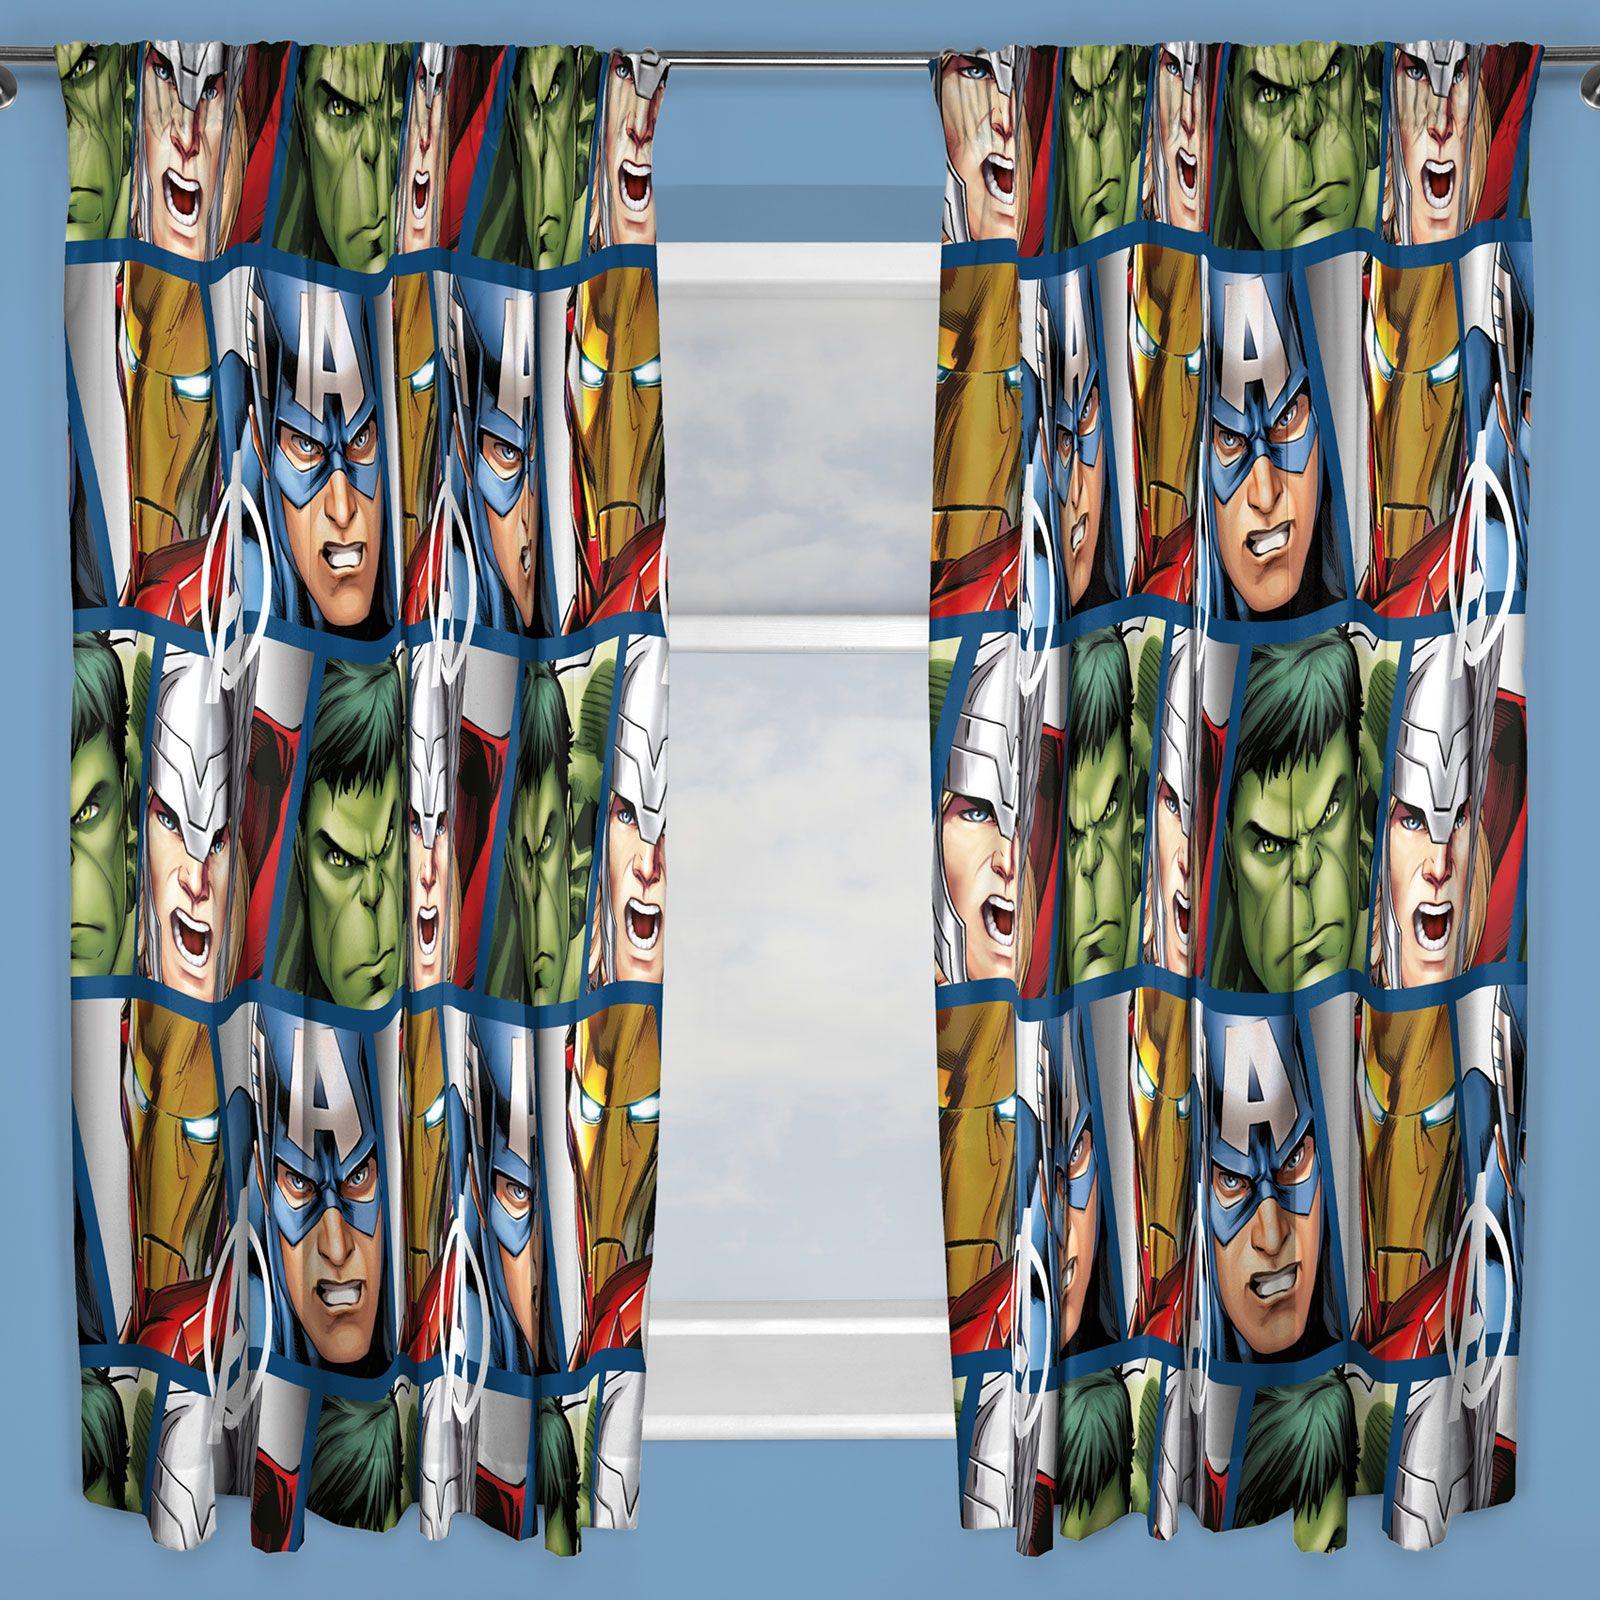 Marvel avengers shield double housse de couette assortis - Housse de couette avengers ...